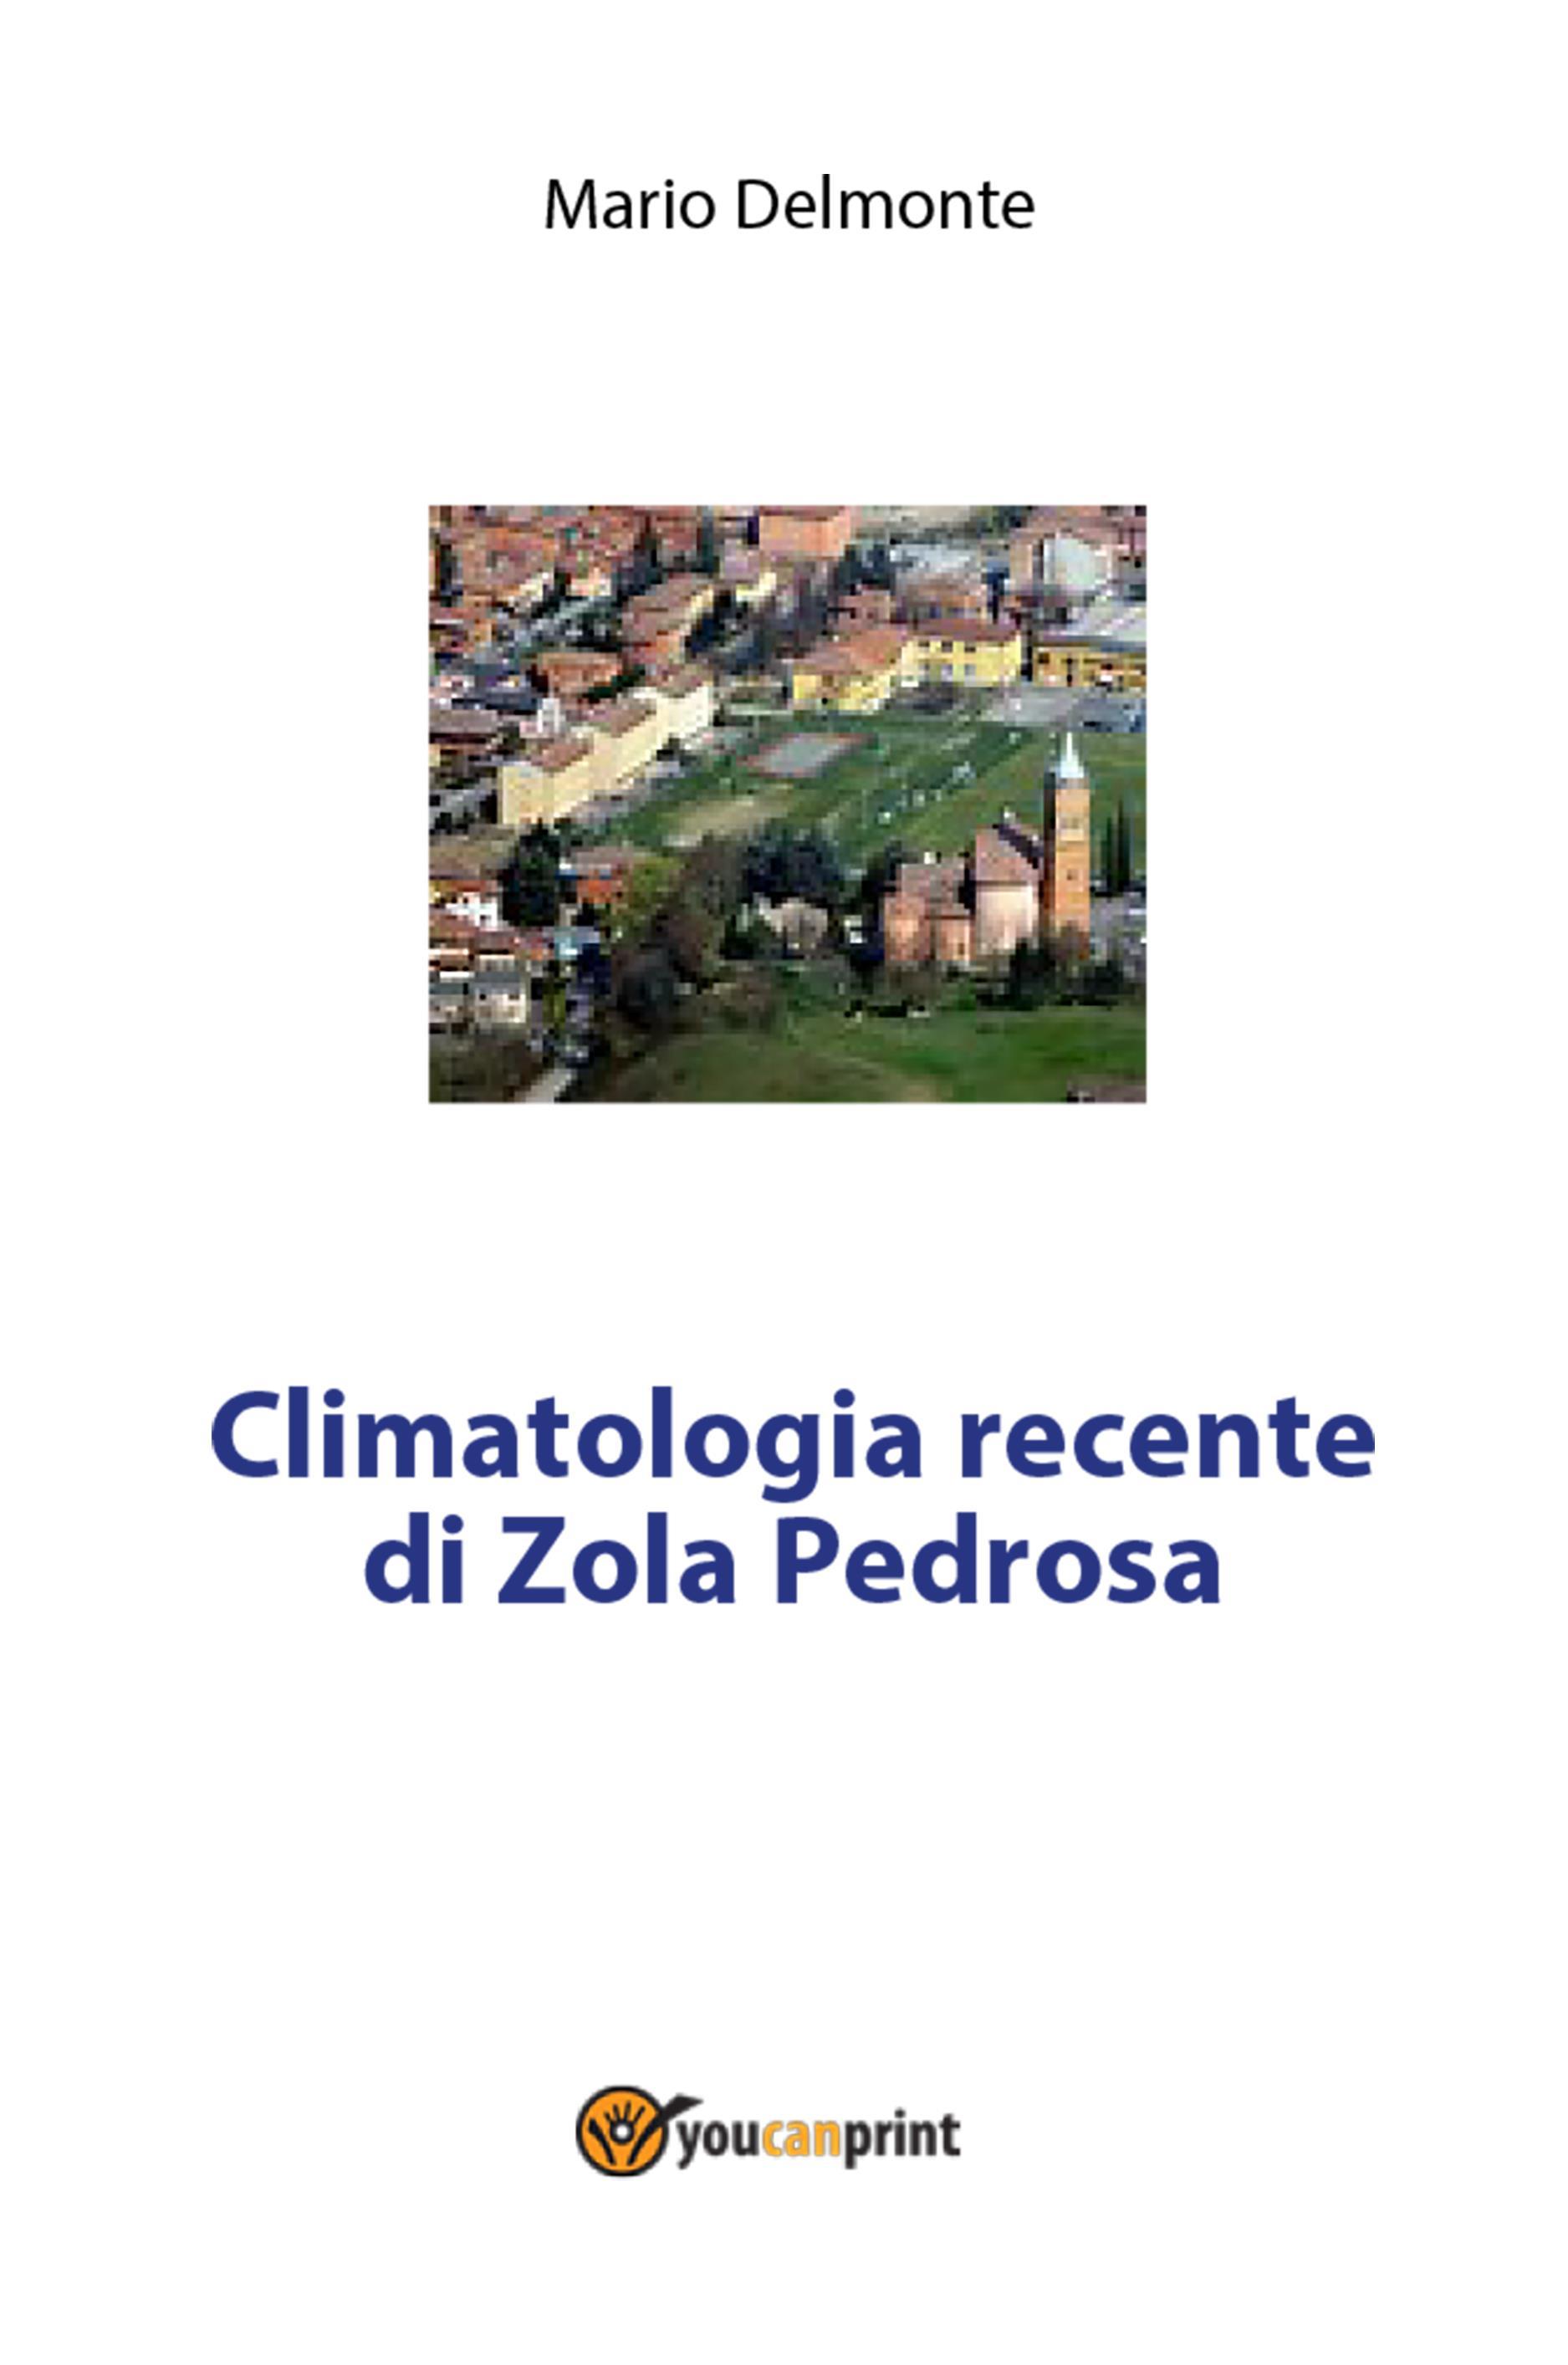 Climatologia recente di Zola Predosa